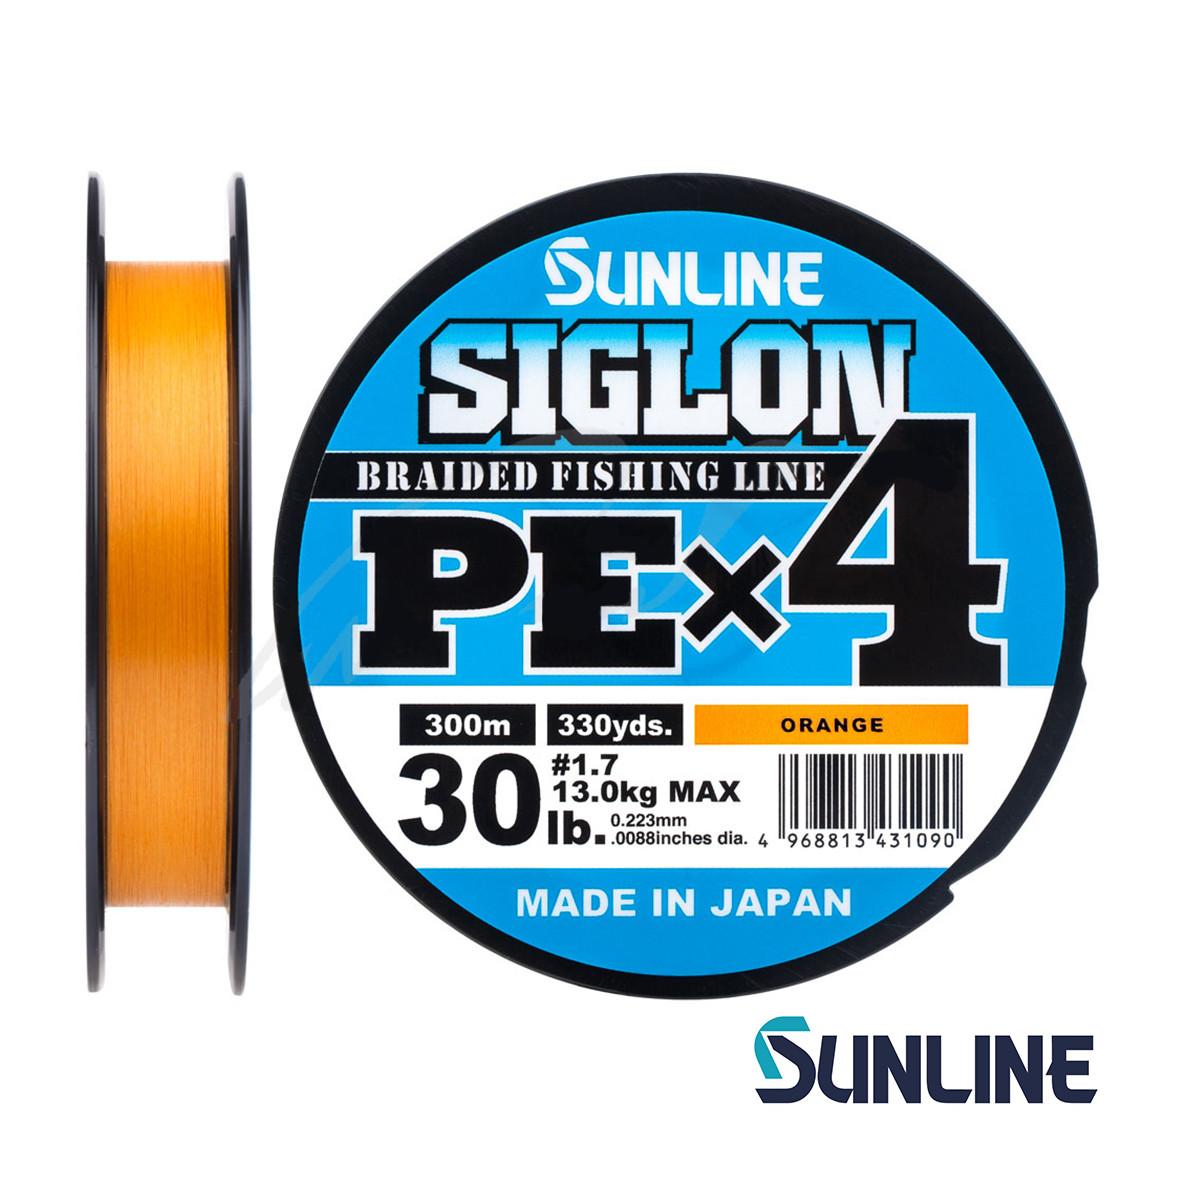 Шнур Sunline Siglon PE х4 150m (оранж.) #2.5/0.270mm 40lb/18.5kg